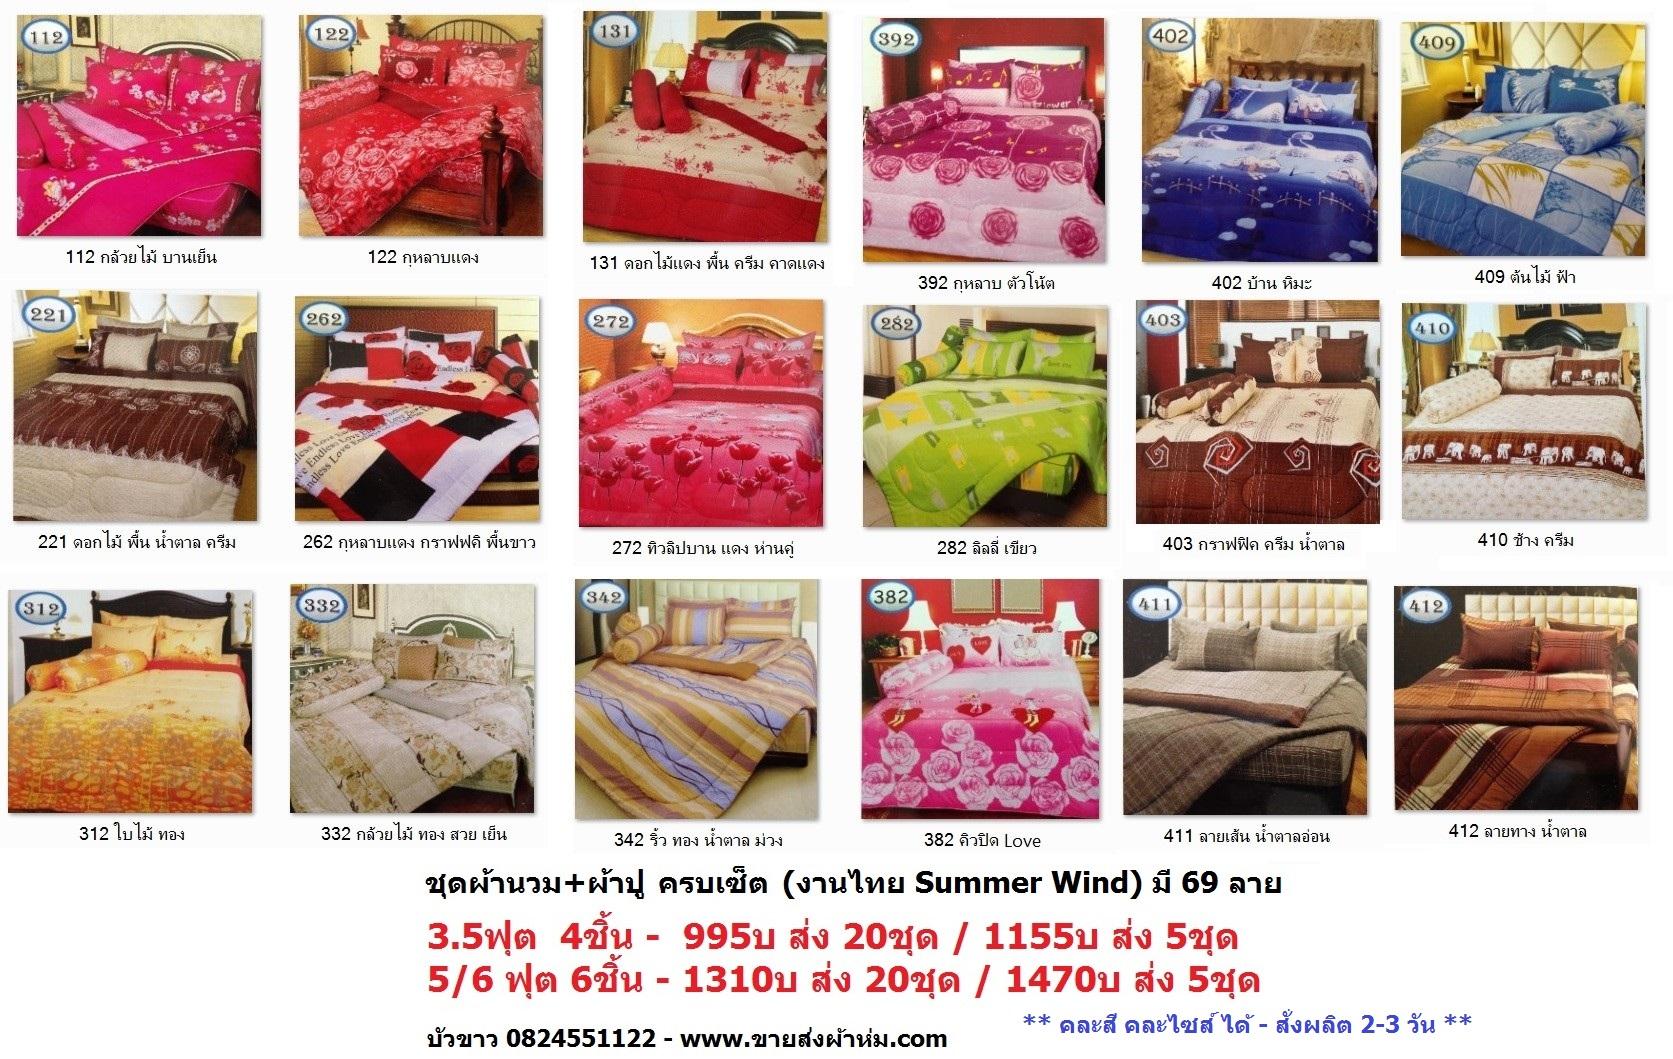 ชุดผ้านวม+ผ้าปูที่นอน งานไทย ครบชุด 5 / 6ฟุต 6ชิ้น ชุดละ1470 บ ส่ง 5 ชุด